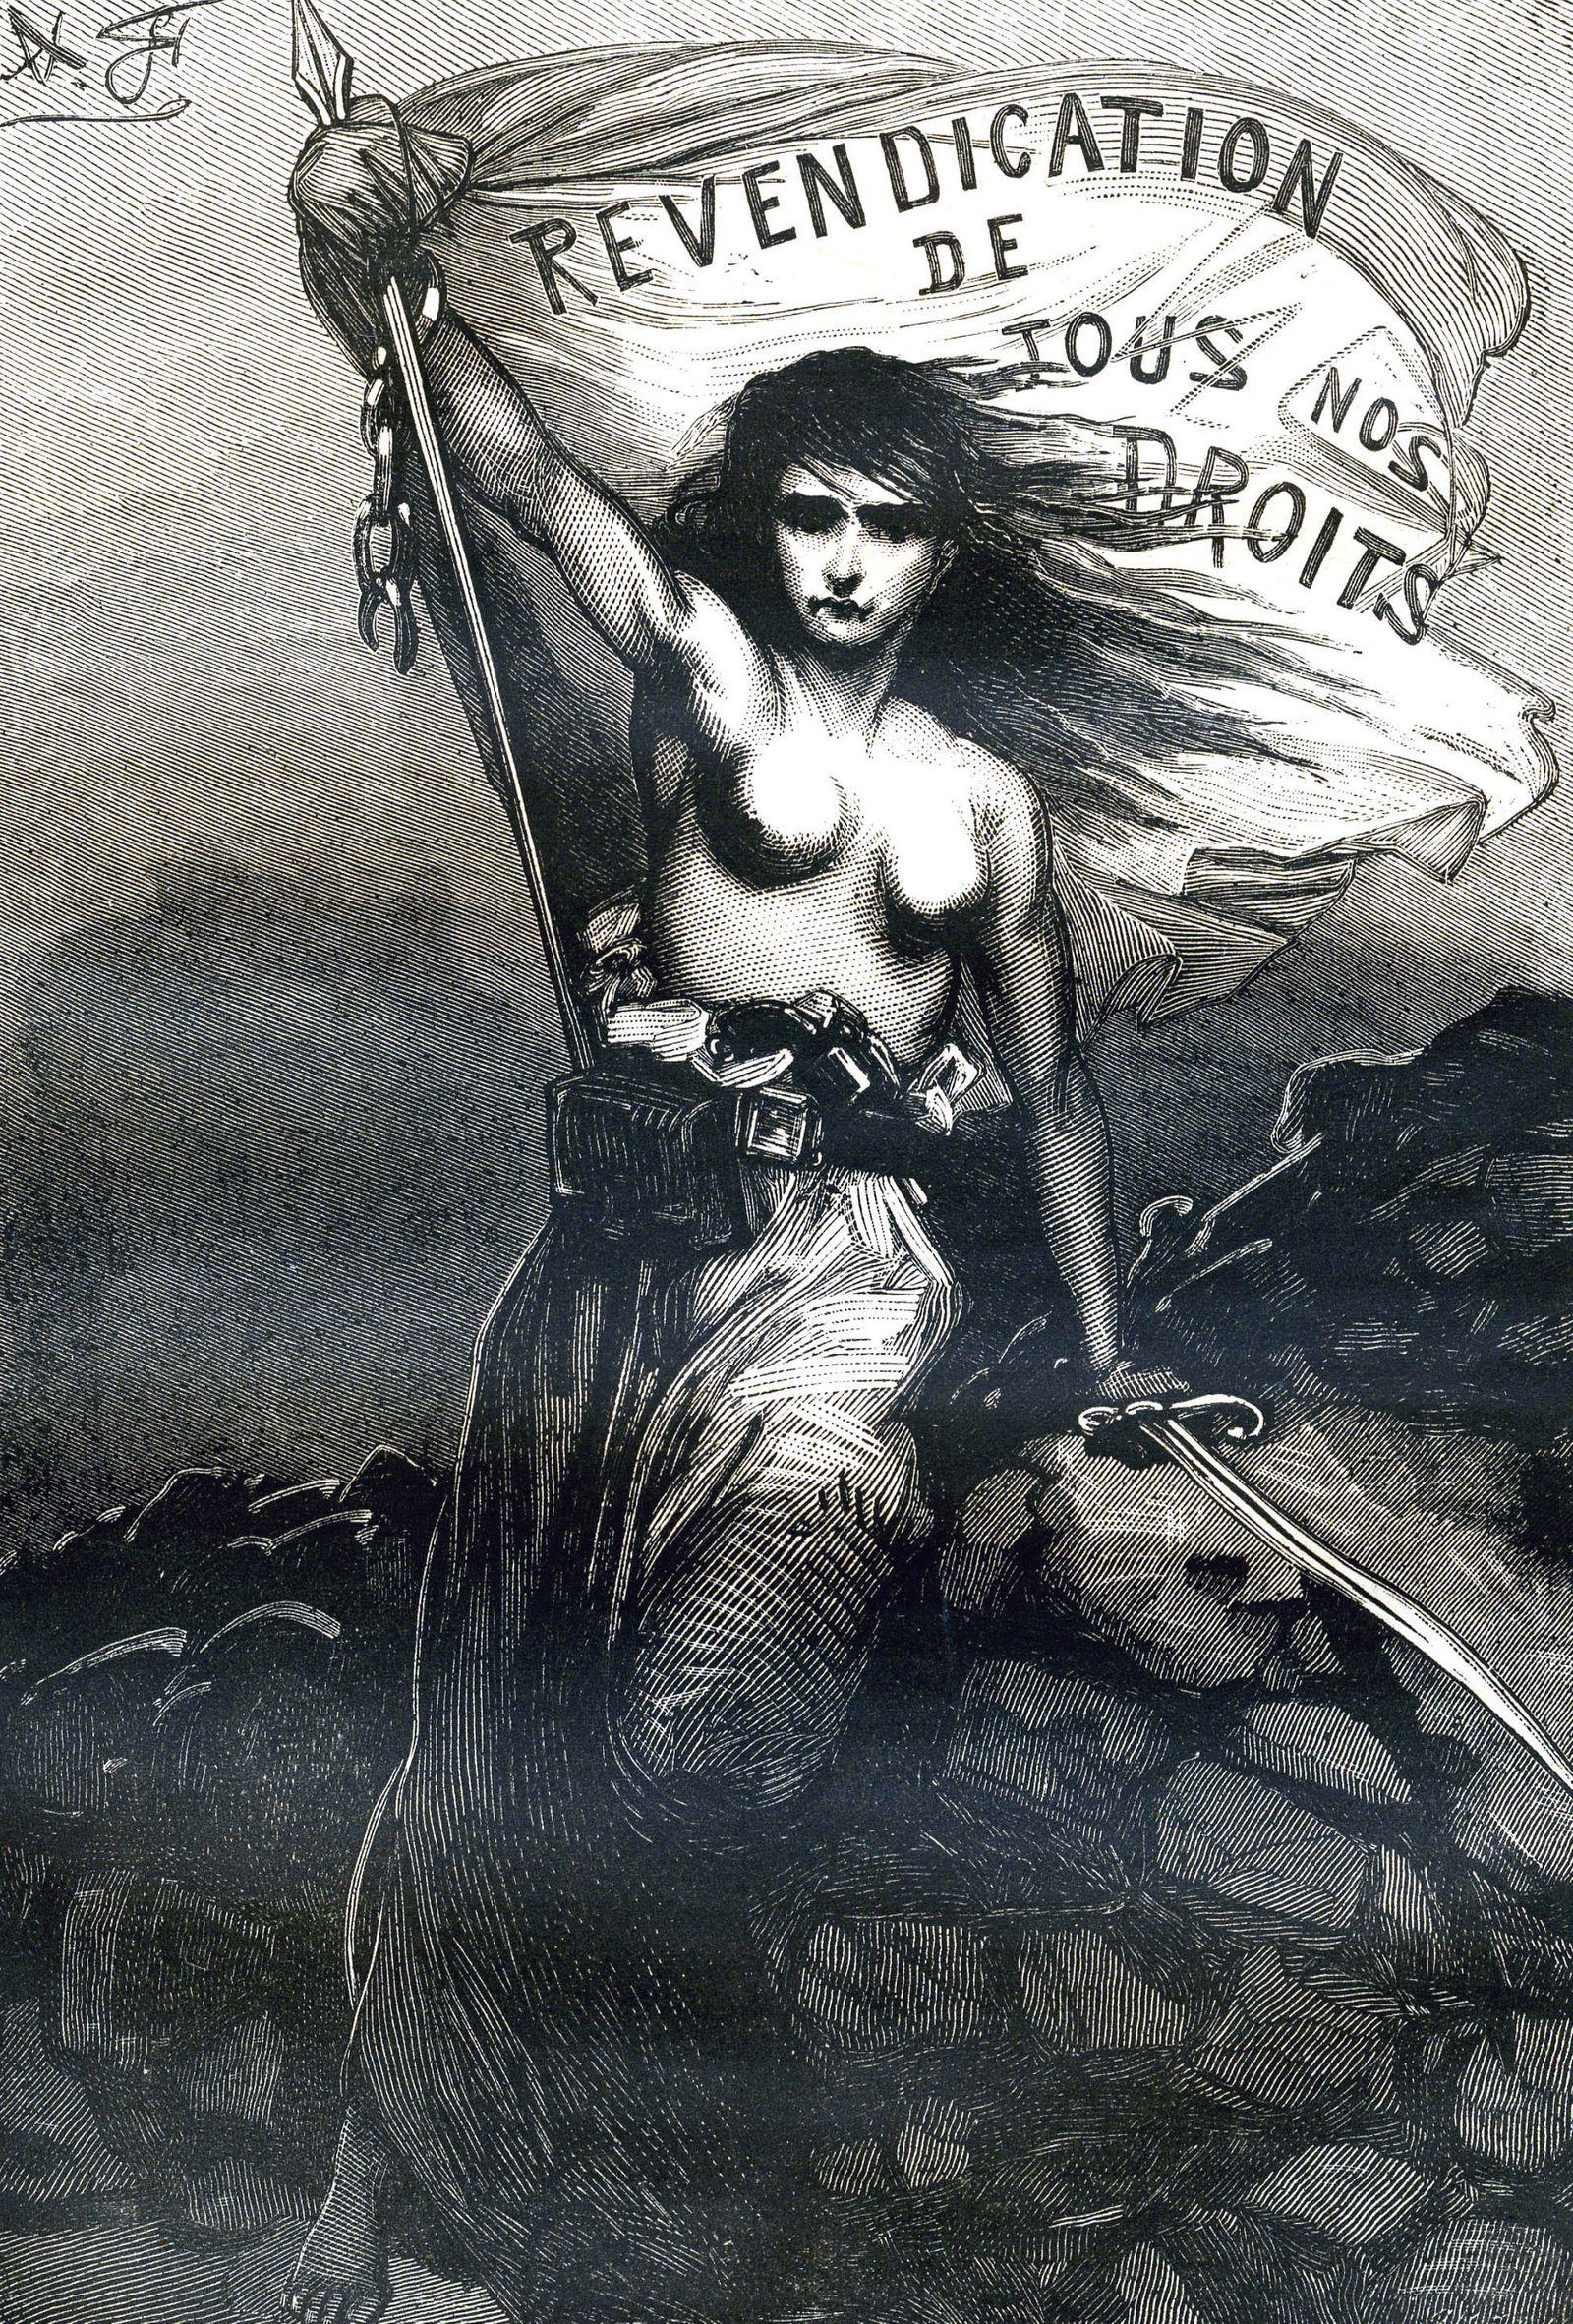 COMMUNE DE PARIS La Commune. Revendication de tous nos droits . Belle representation feministe et symbolique de la Commu